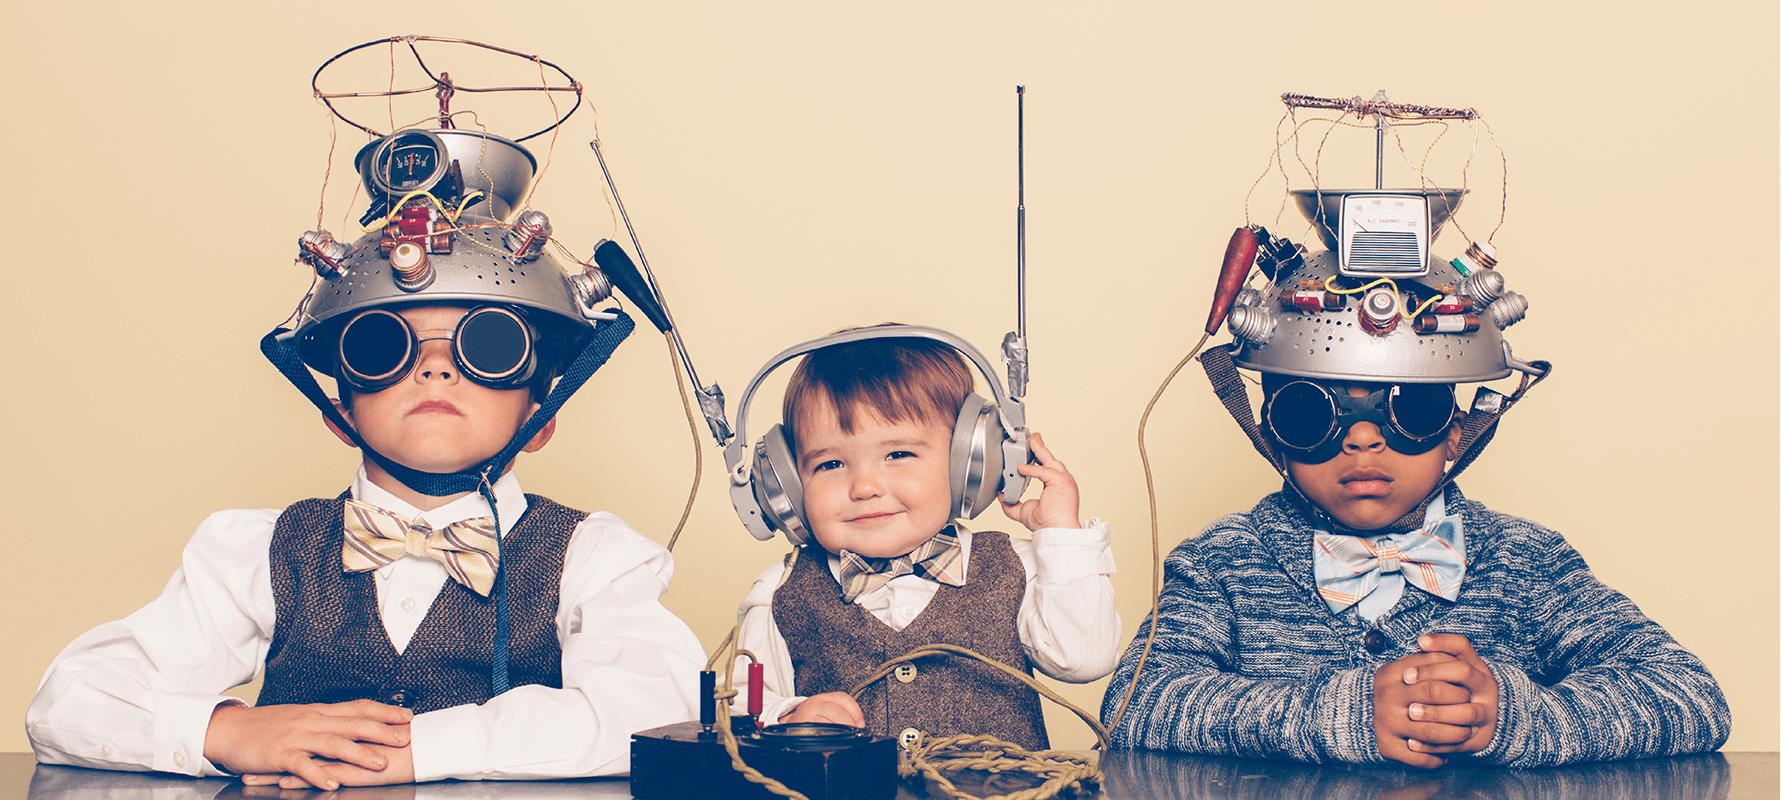 Drei Jungen als Nerds mit Gedankenlesehelmen verkleidet